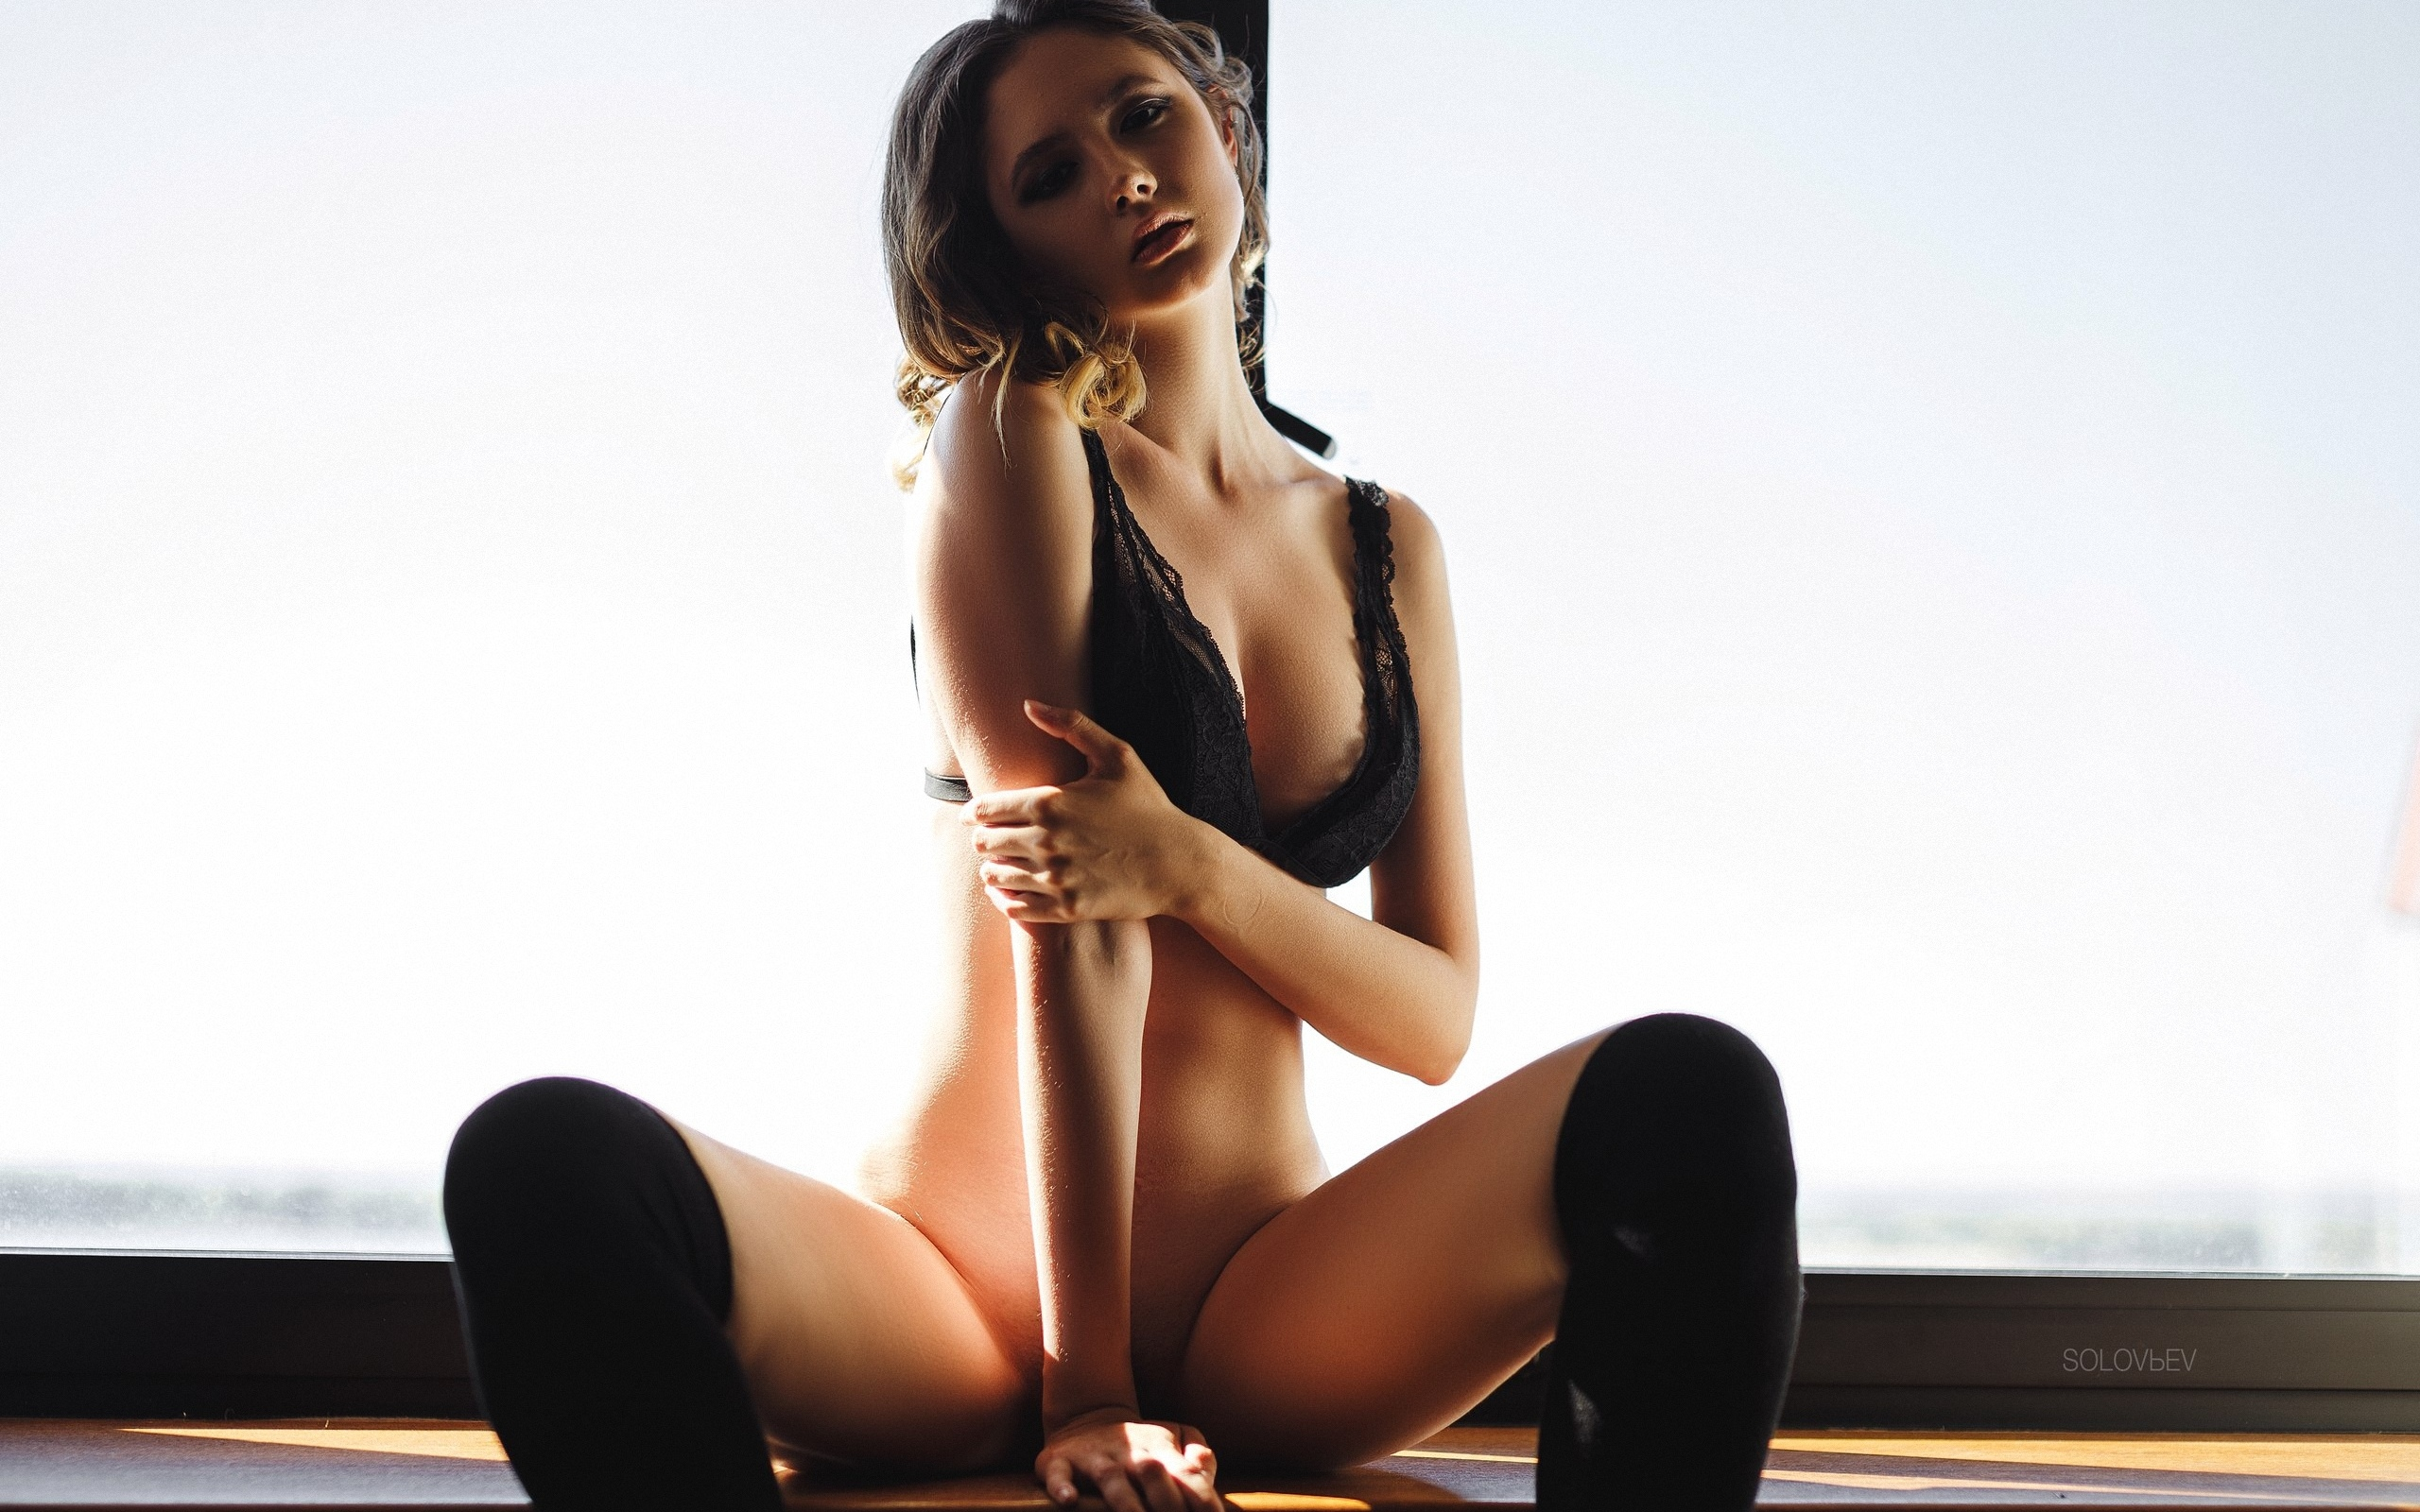 Сексуальные позы для фотосессий